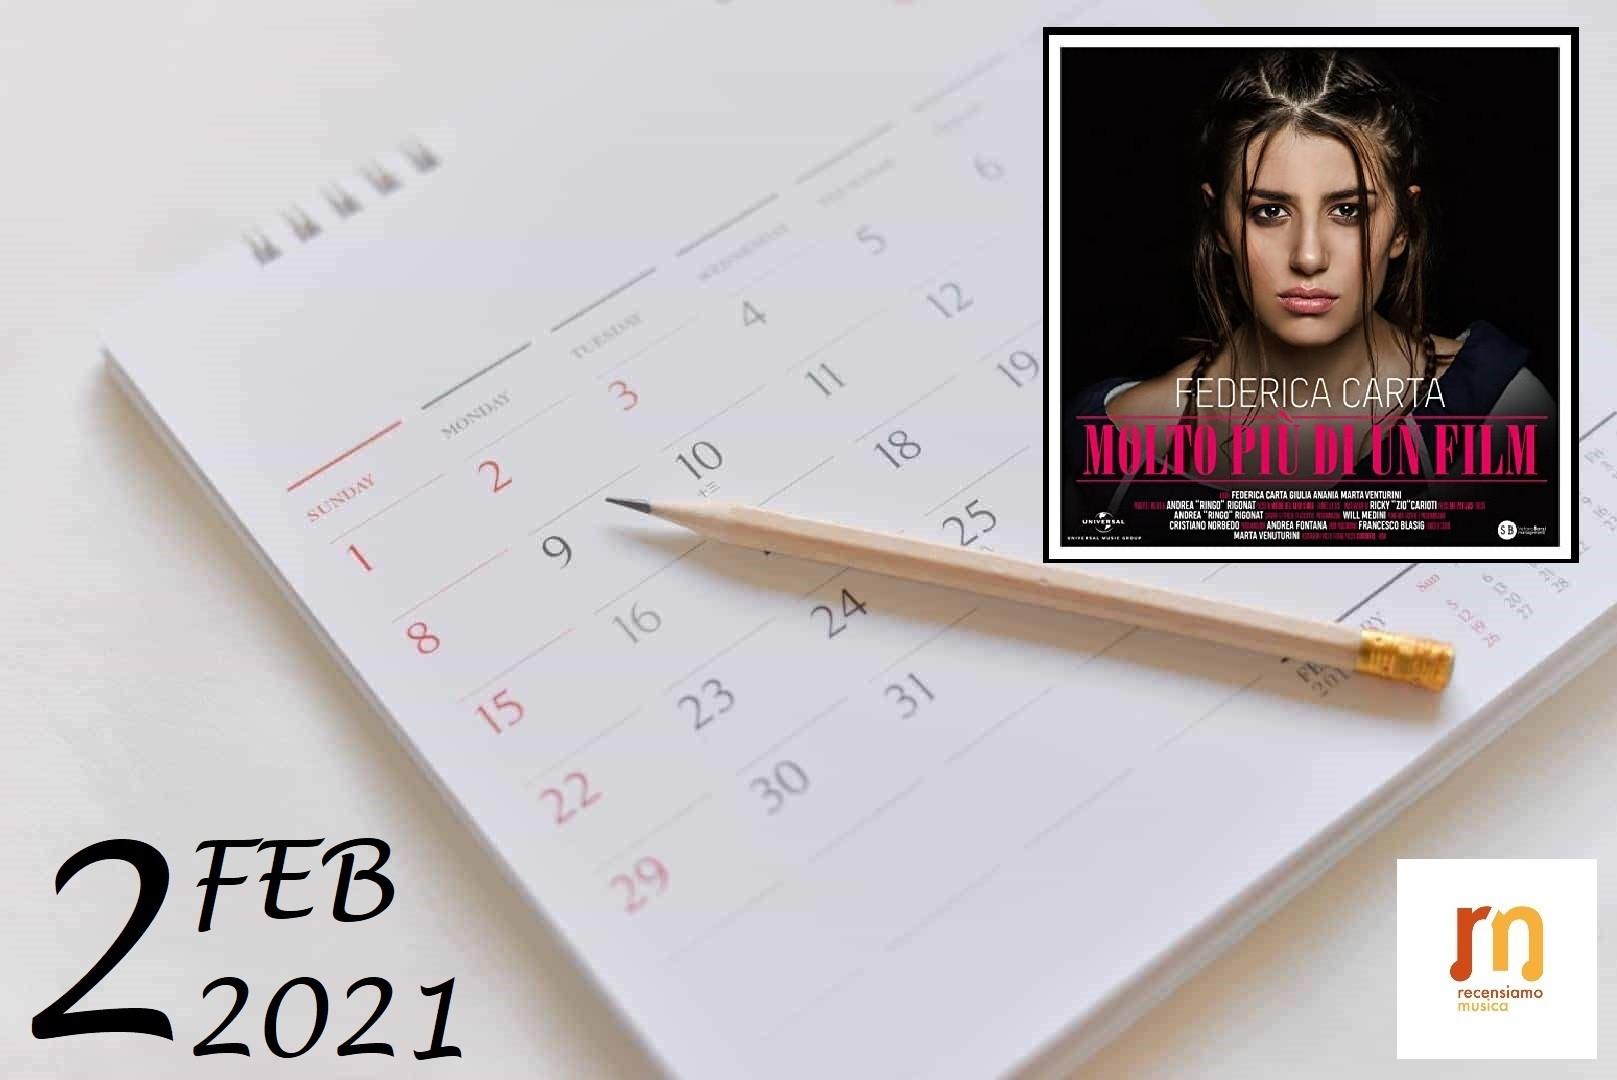 2 febbraio